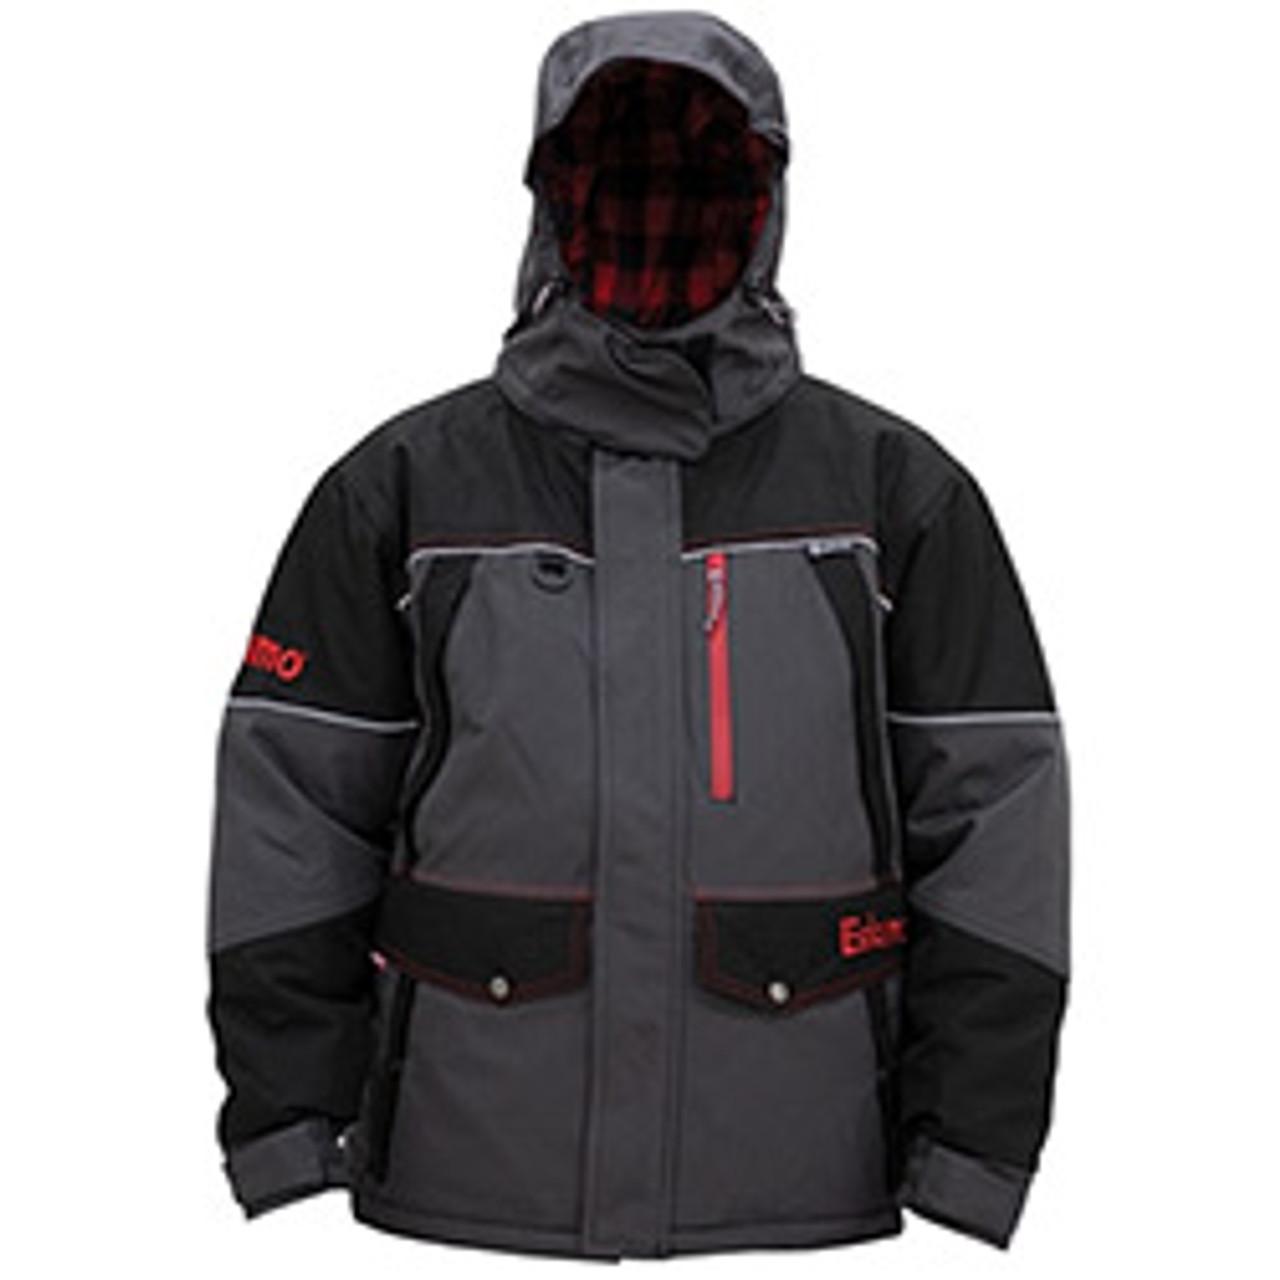 Men's Keeper Jacket by Eskimo